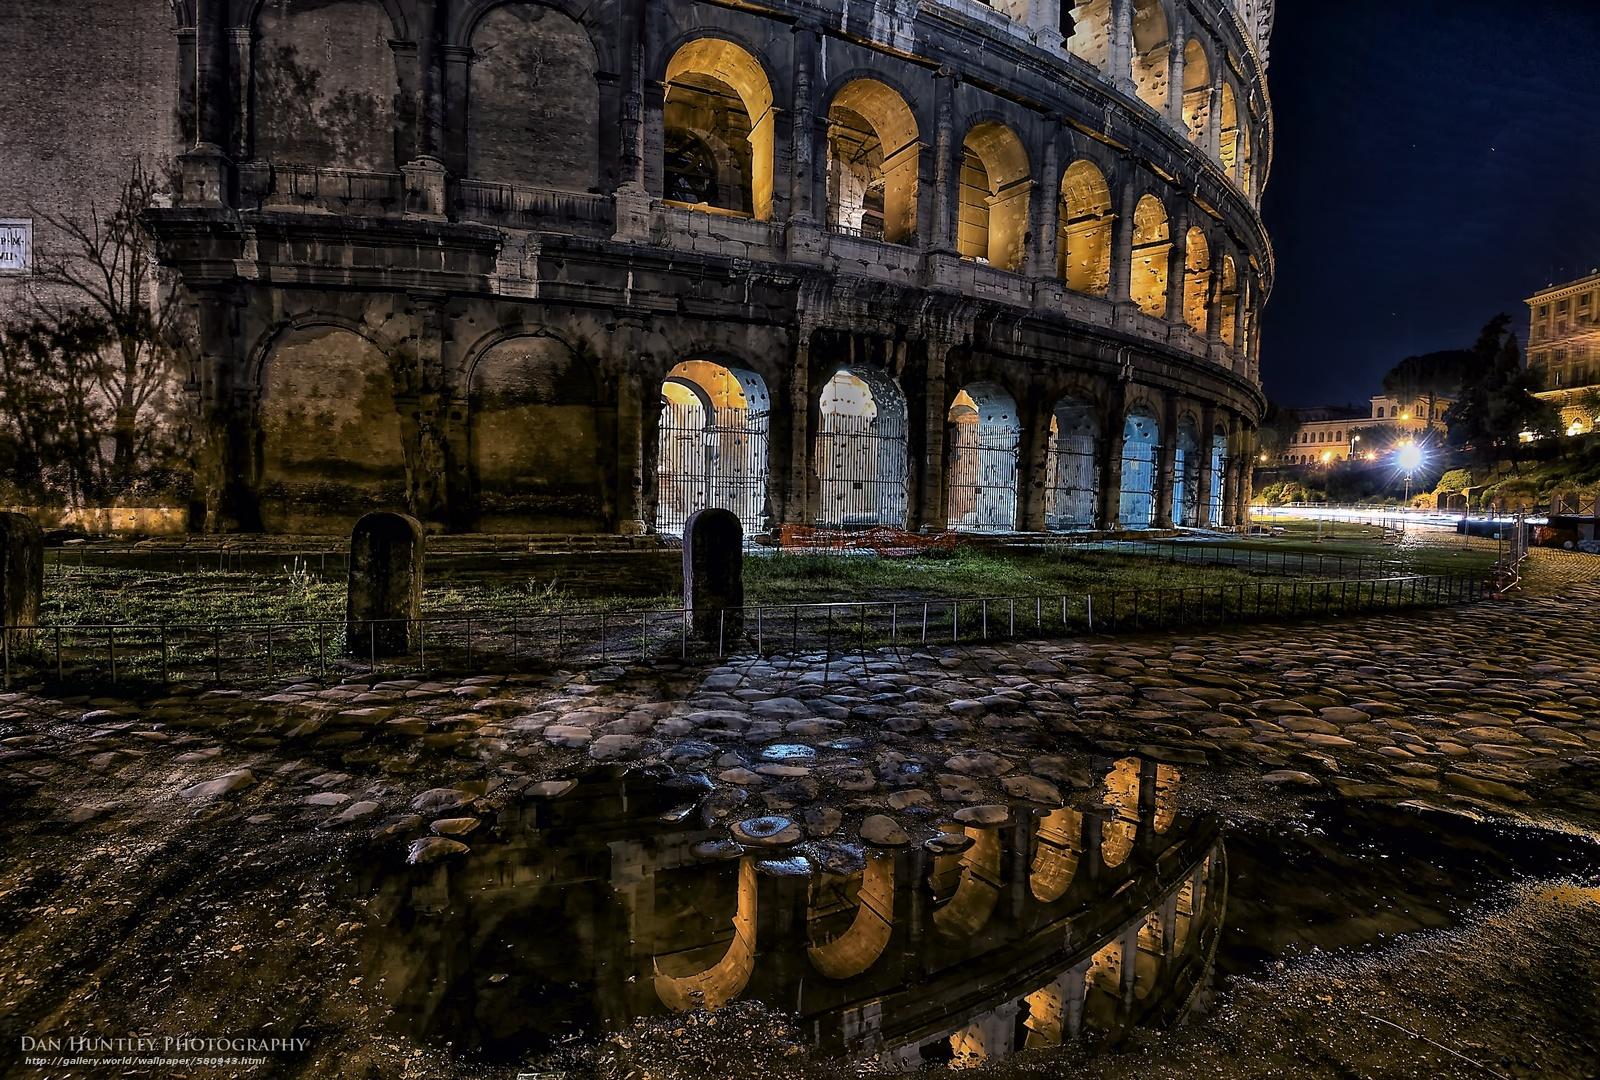 tlcharger fond decran rome - photo #25